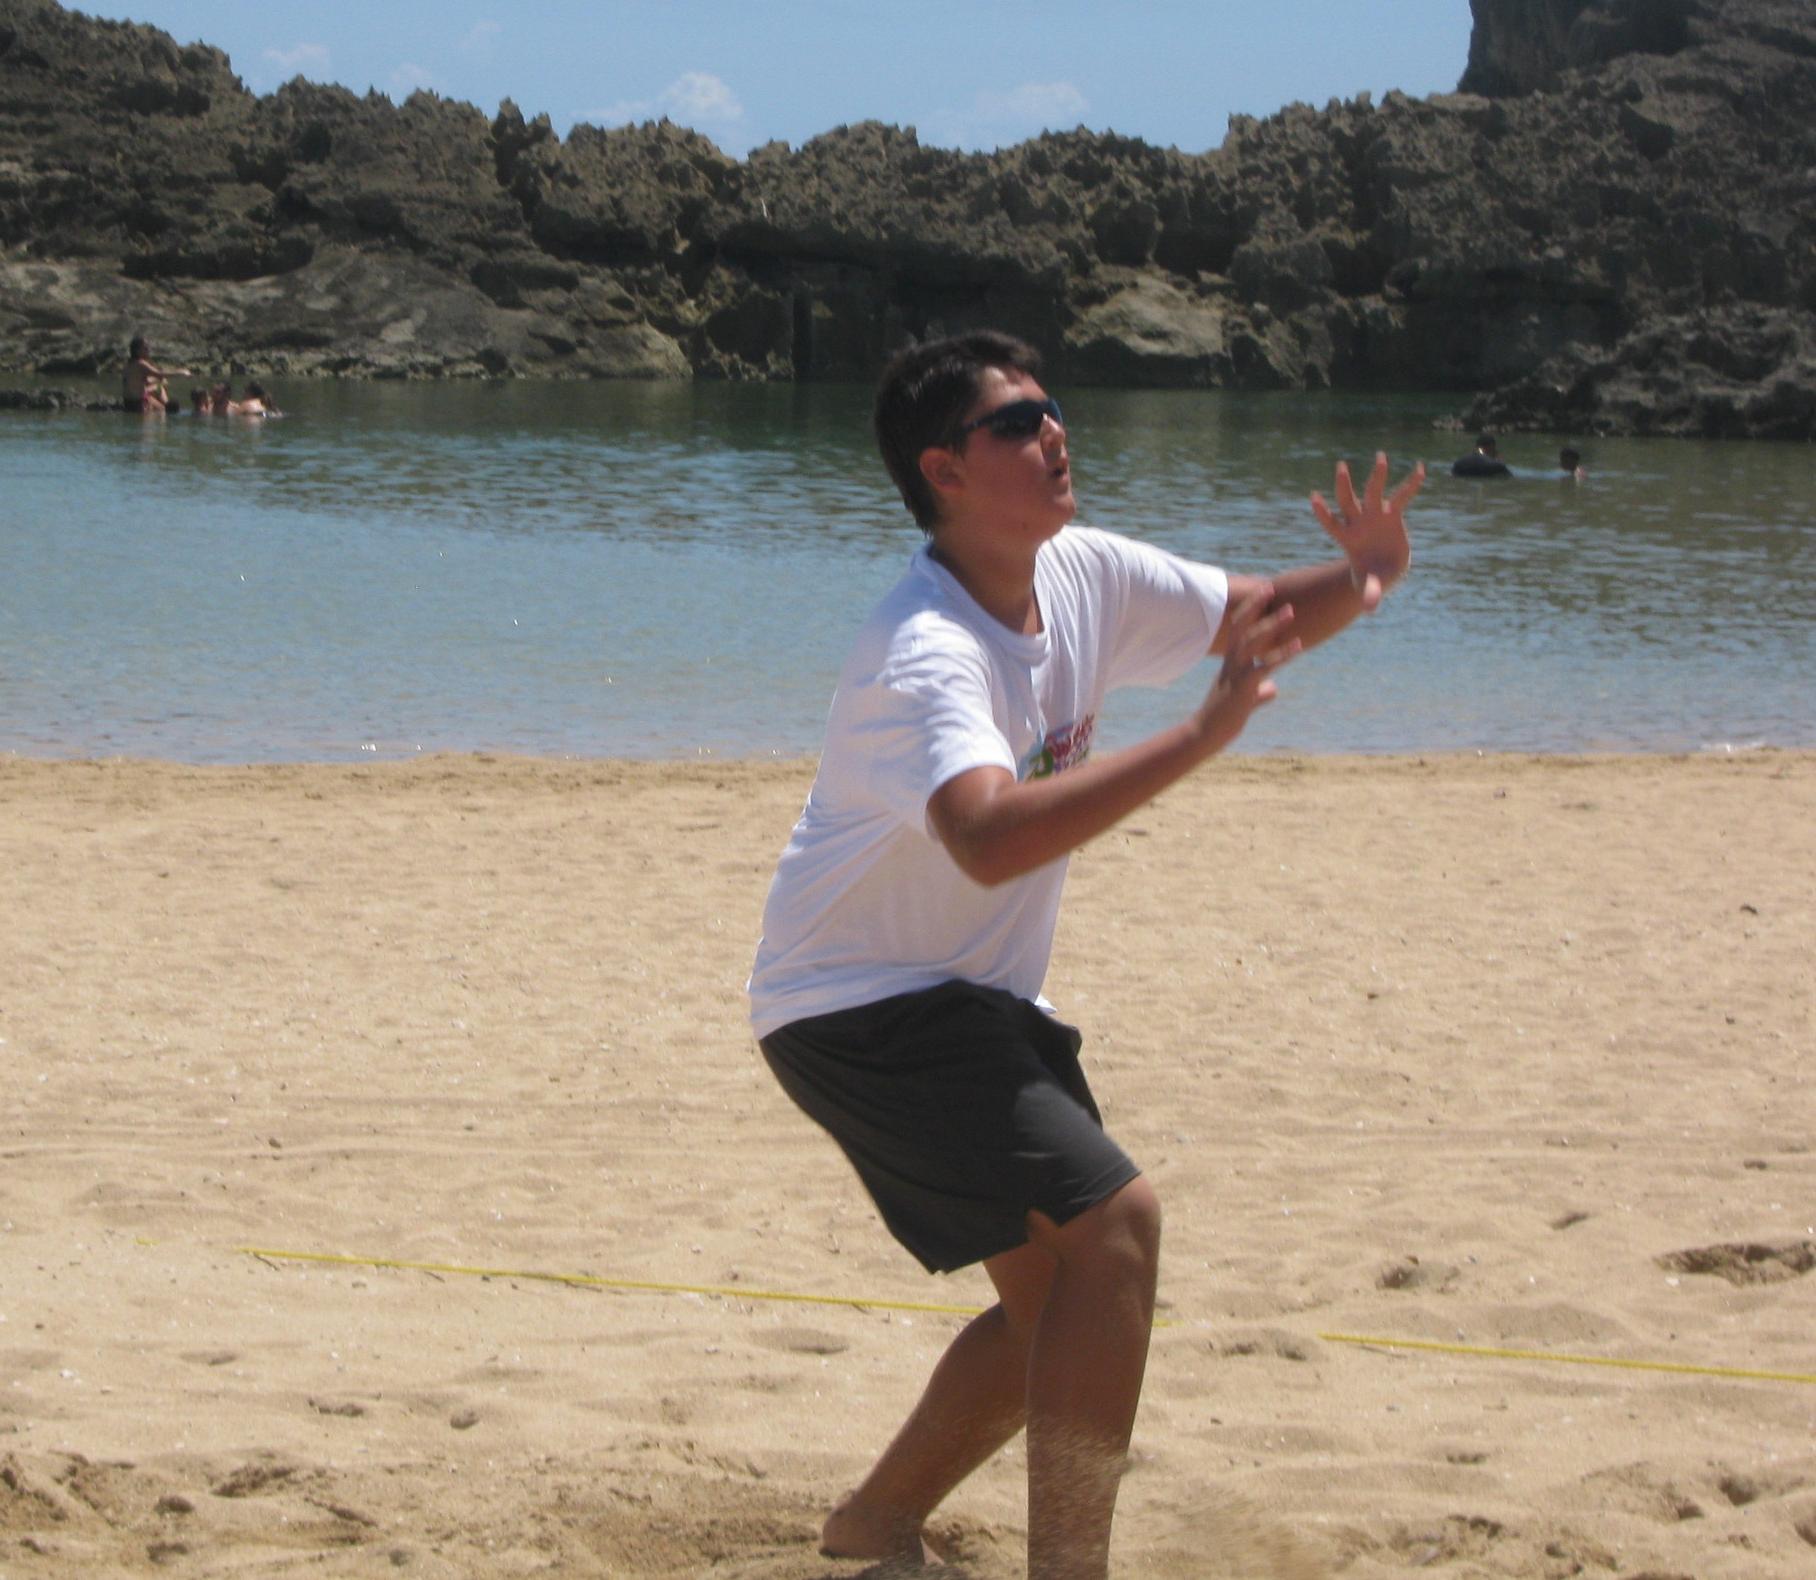 Justo frente al Mar Muerto hay un espacio para jugar voleibol playa. Después de quemar algunas calorías estamos seguros que vas a querer almorzar. Busca el próximo lugar...Foto: Pamy Rojas